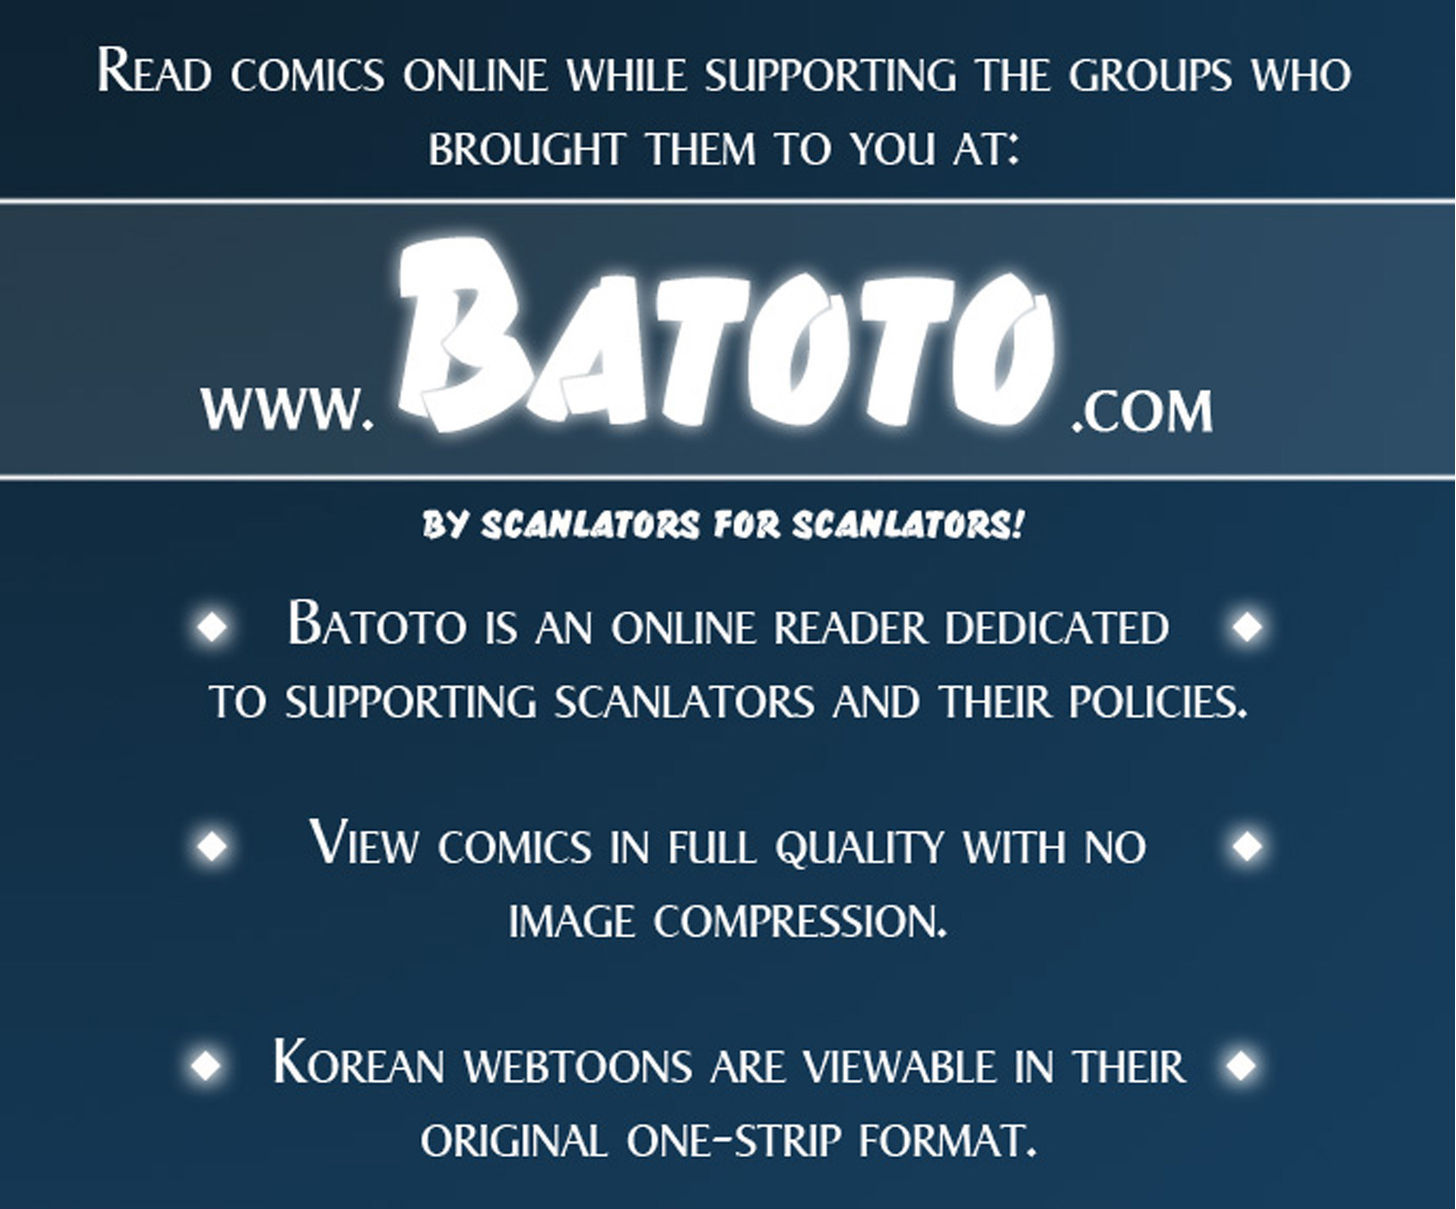 https://im.nineanime.com/comics/pic9/43/171/12762/Kingdom1190160.jpg Page 1